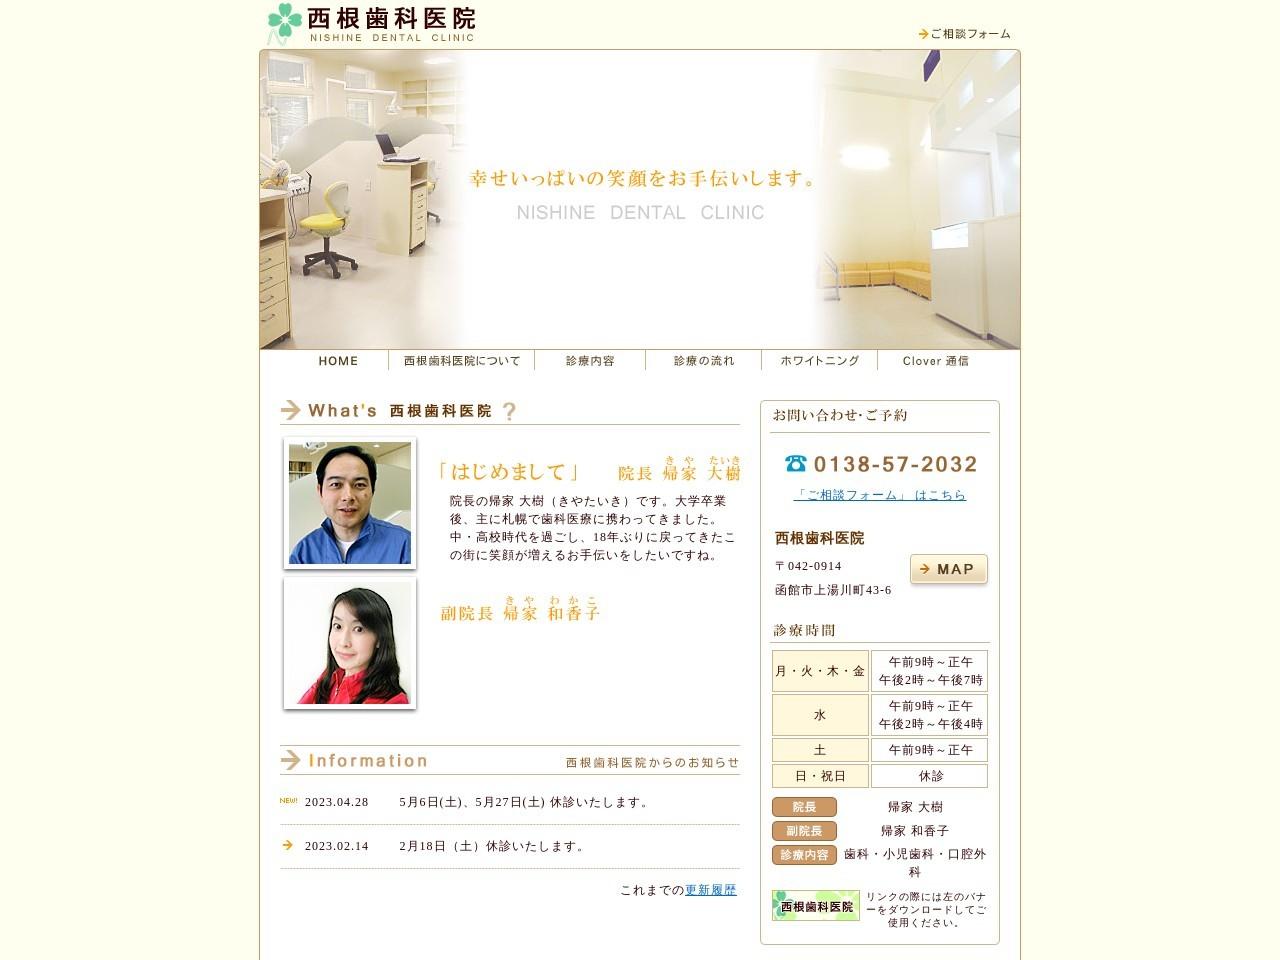 西根歯科医院 (北海道函館市)